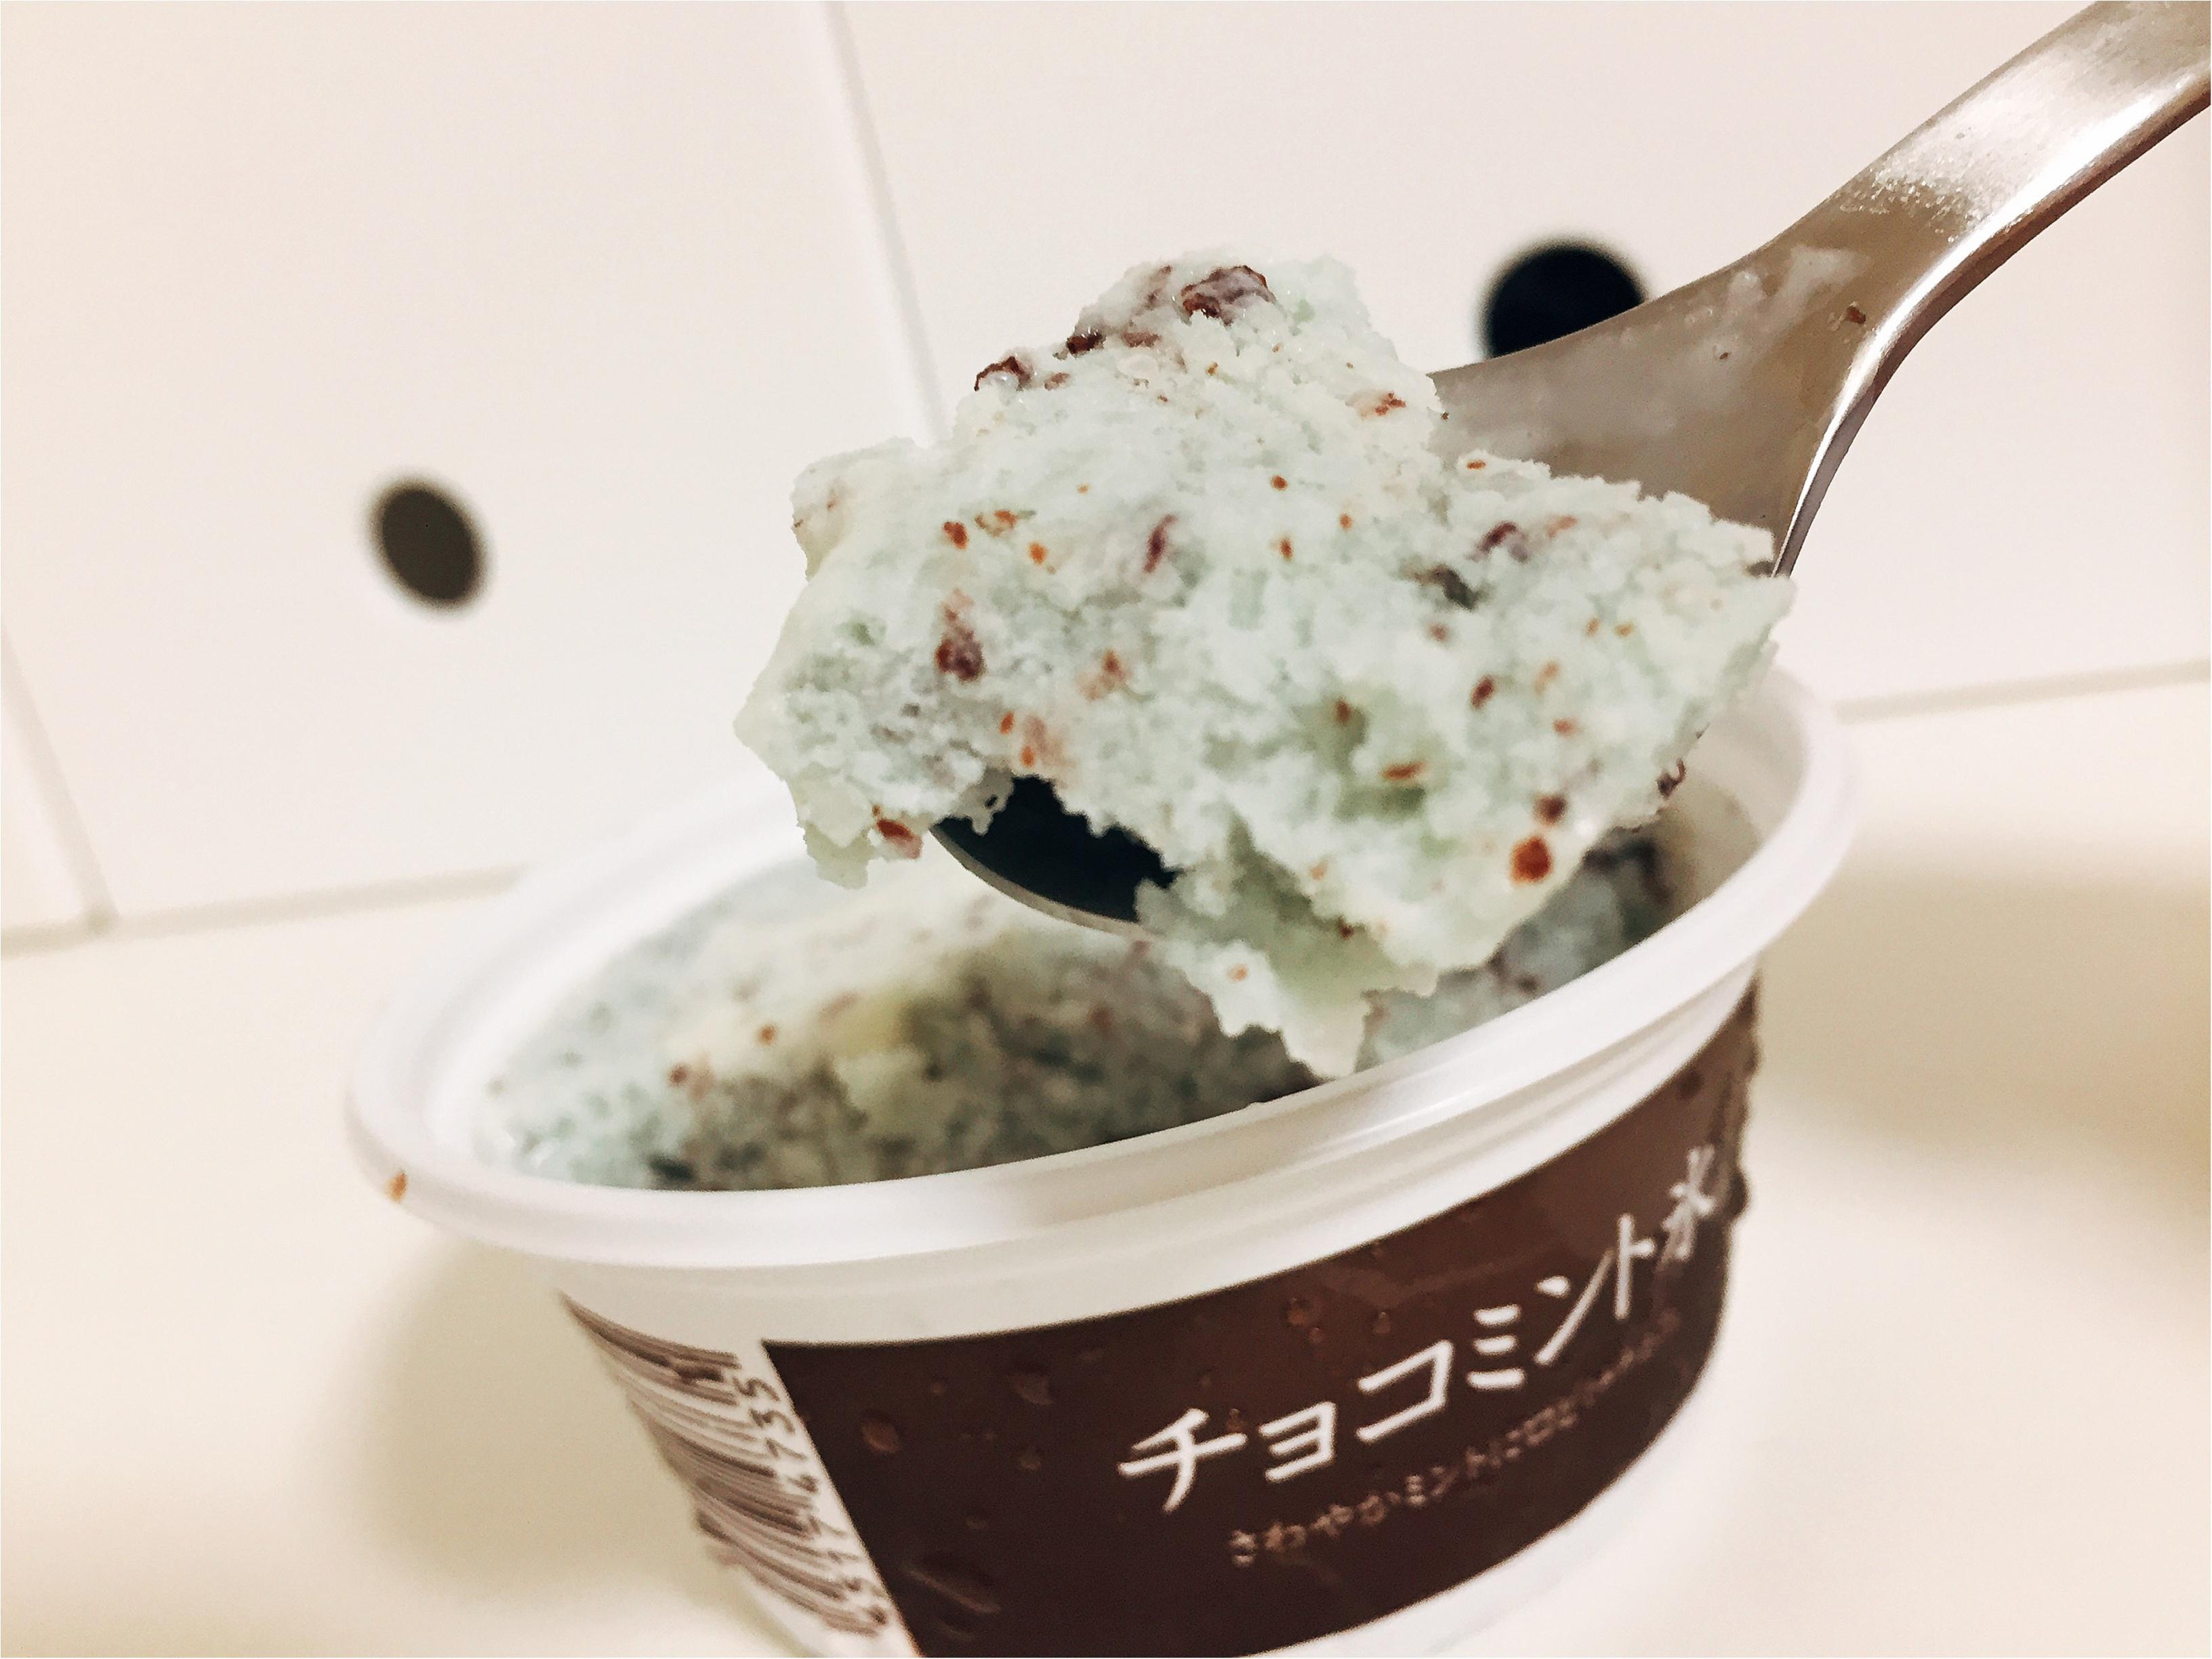 【セブンイレブン】大人気!あのアイスシリーズから『チョコミント氷』が新登場!!_4